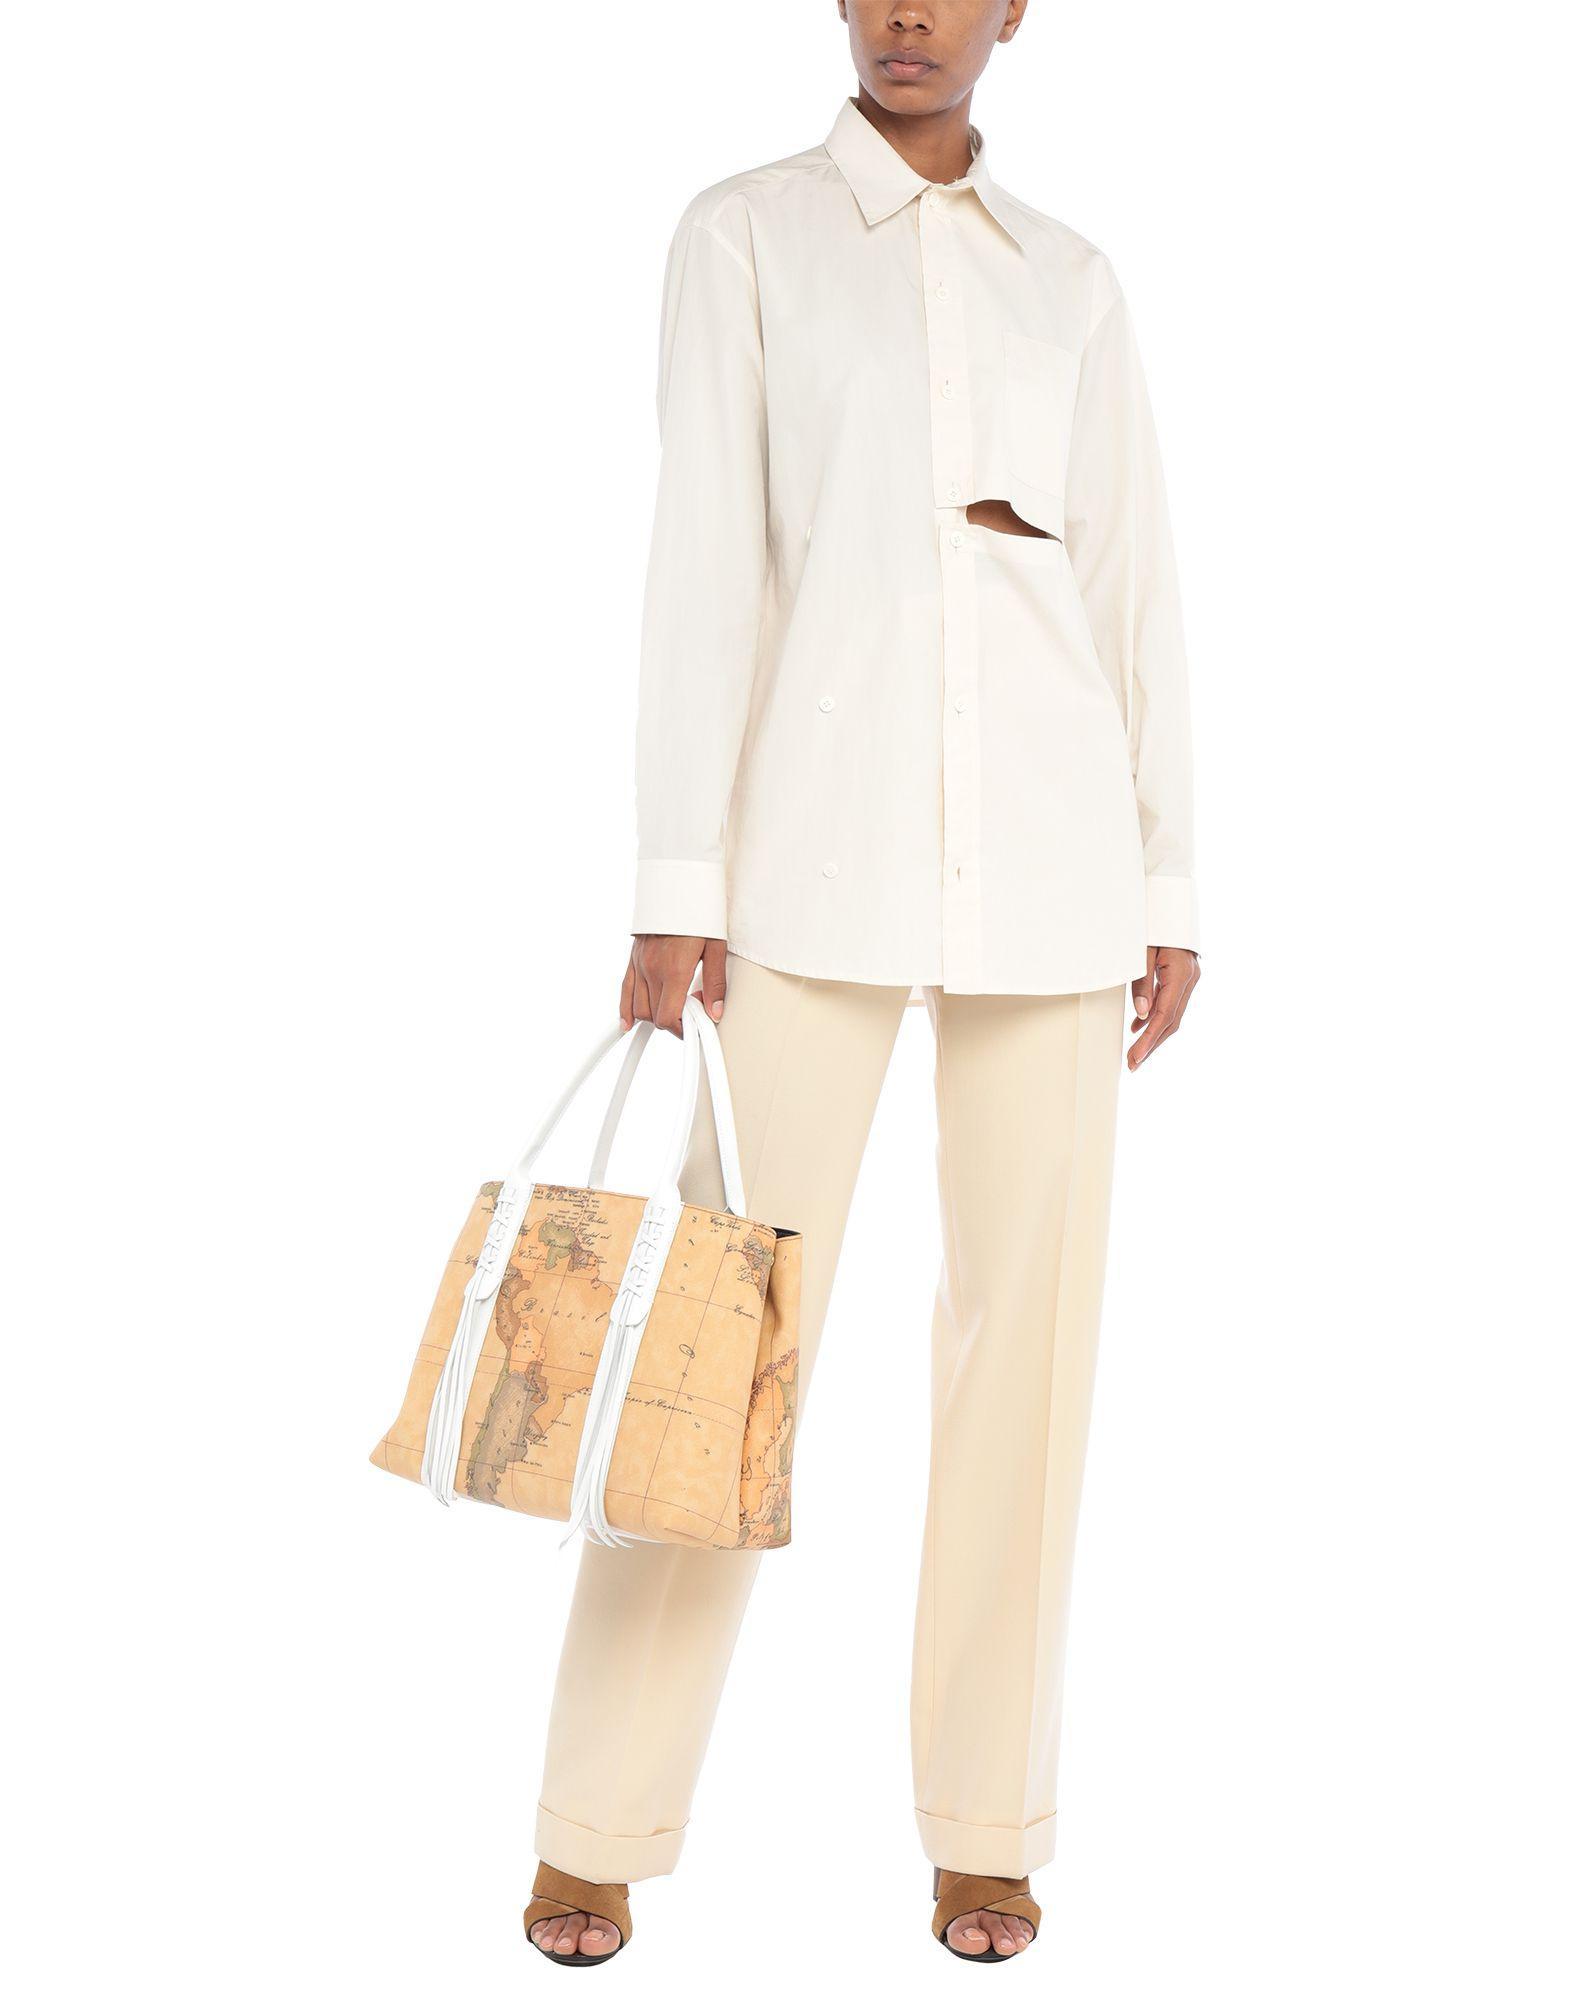 Alviero Martini 1A Classe Handtaschen in Weiß YuS97